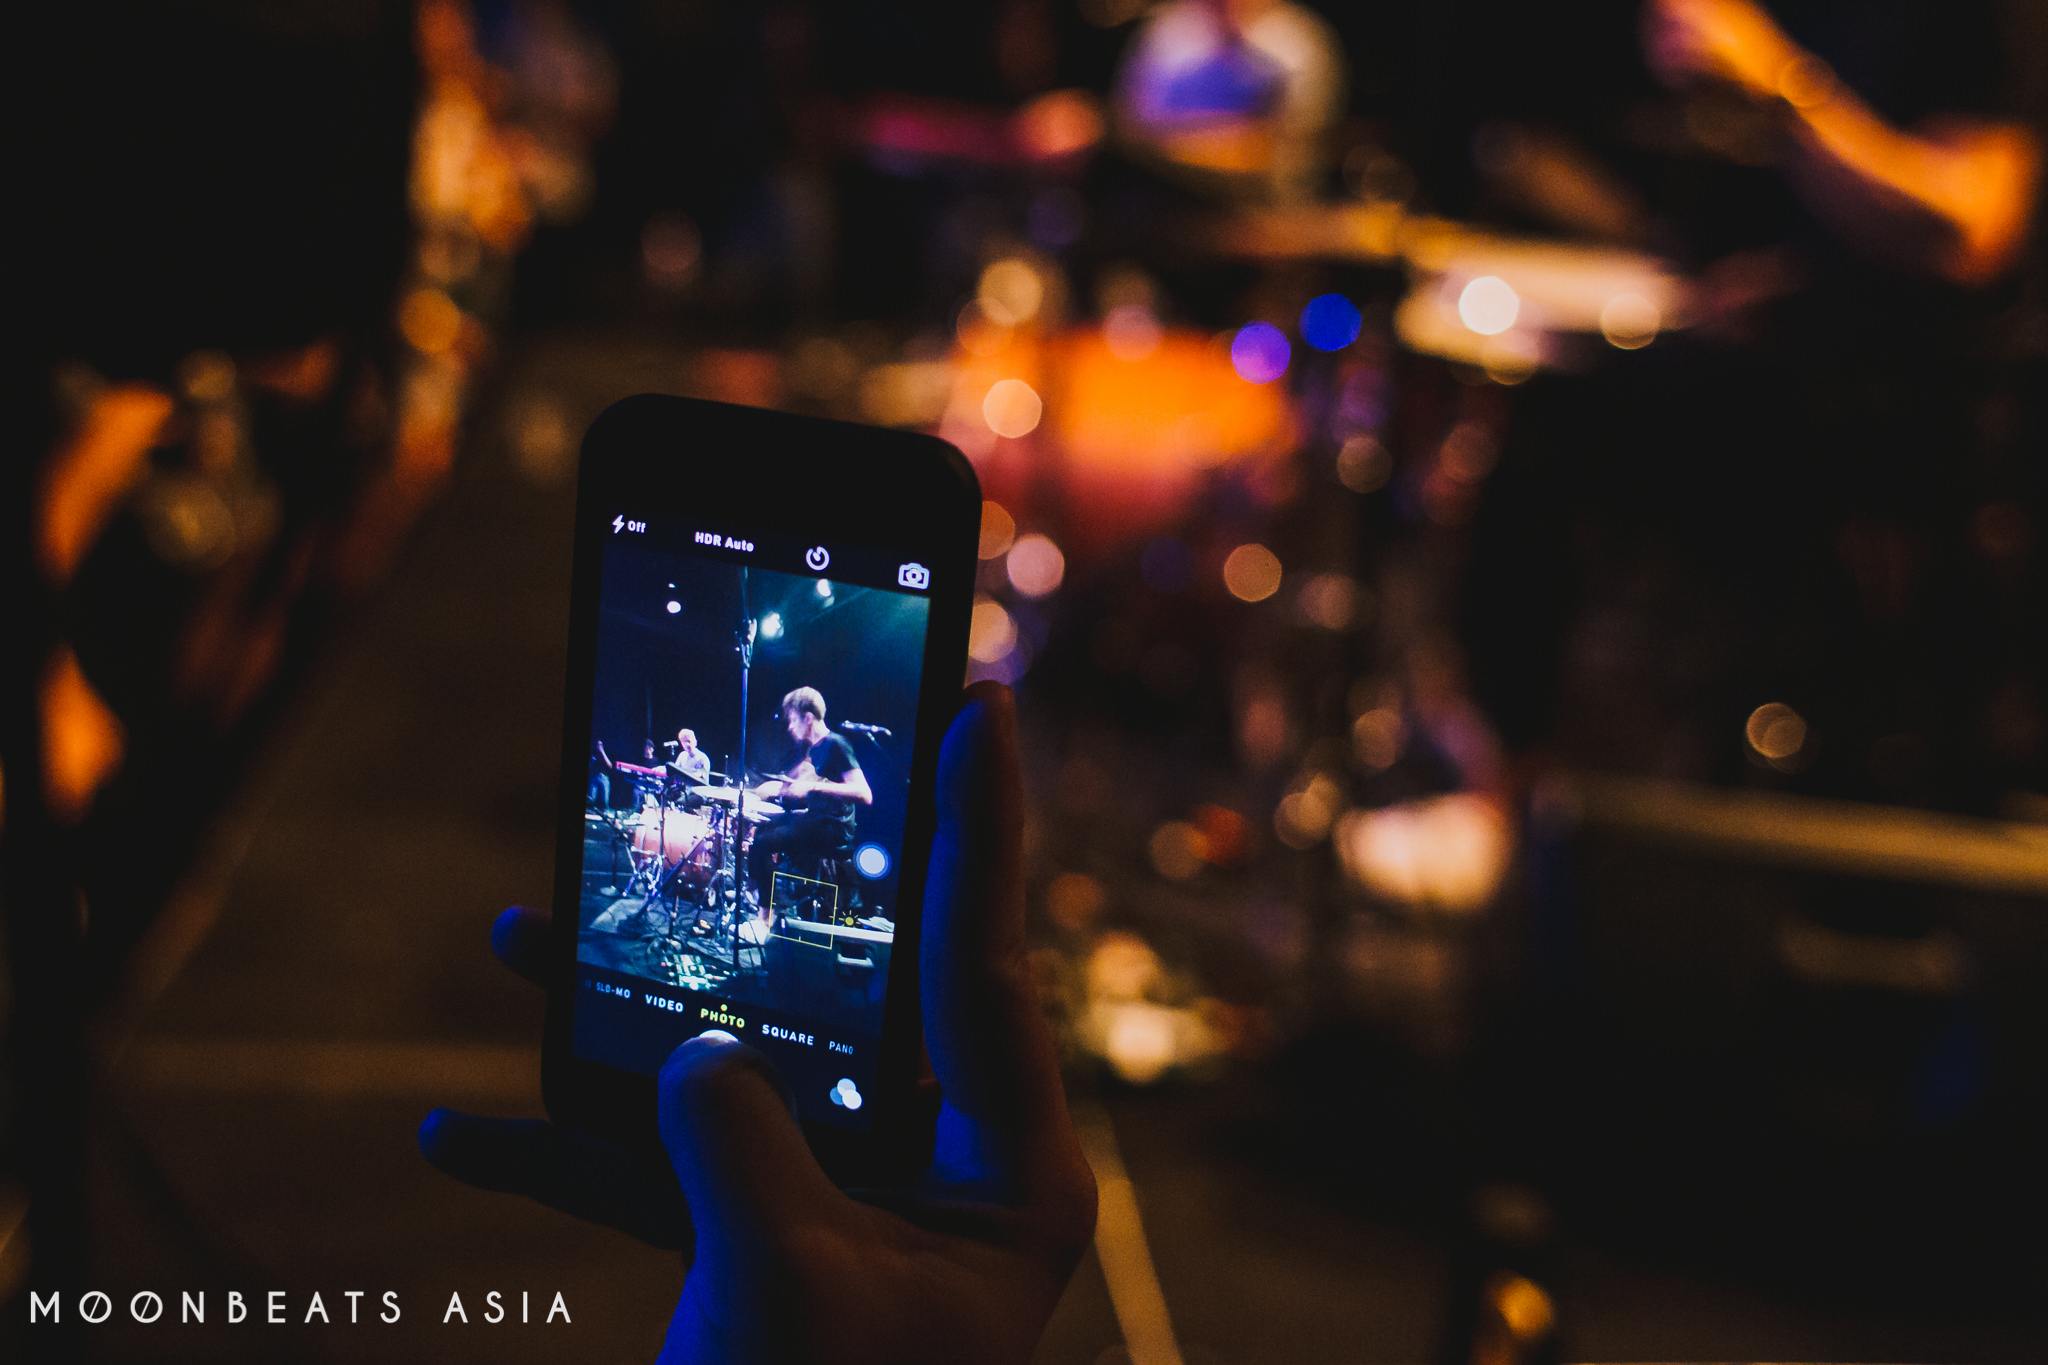 Moonbeats with Panama, Singapore